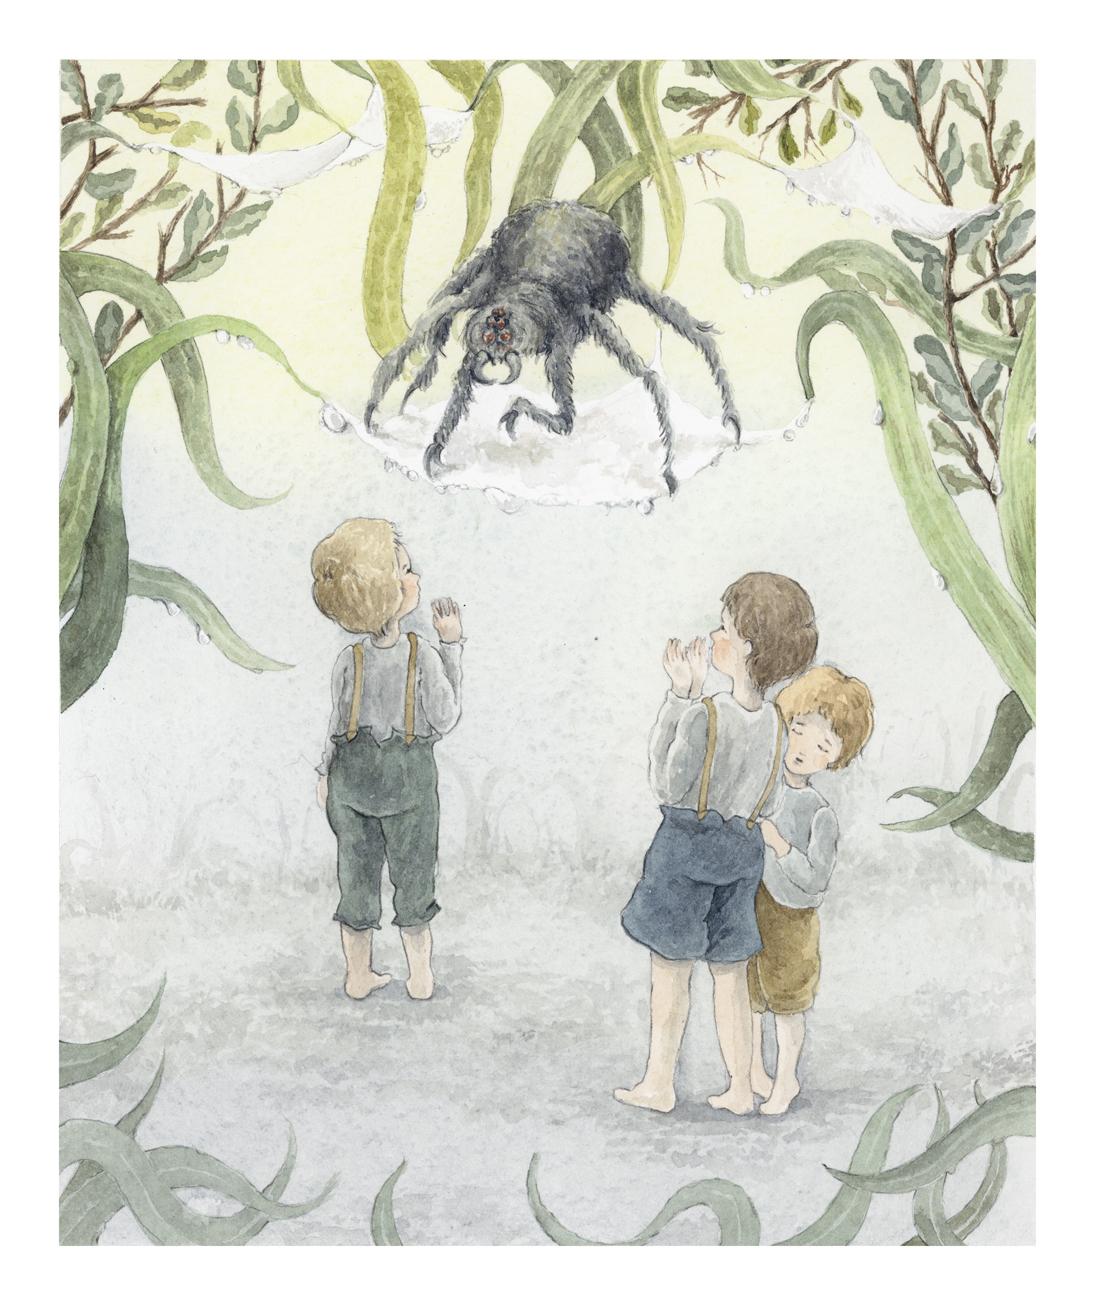 Spider_1_web.jpg